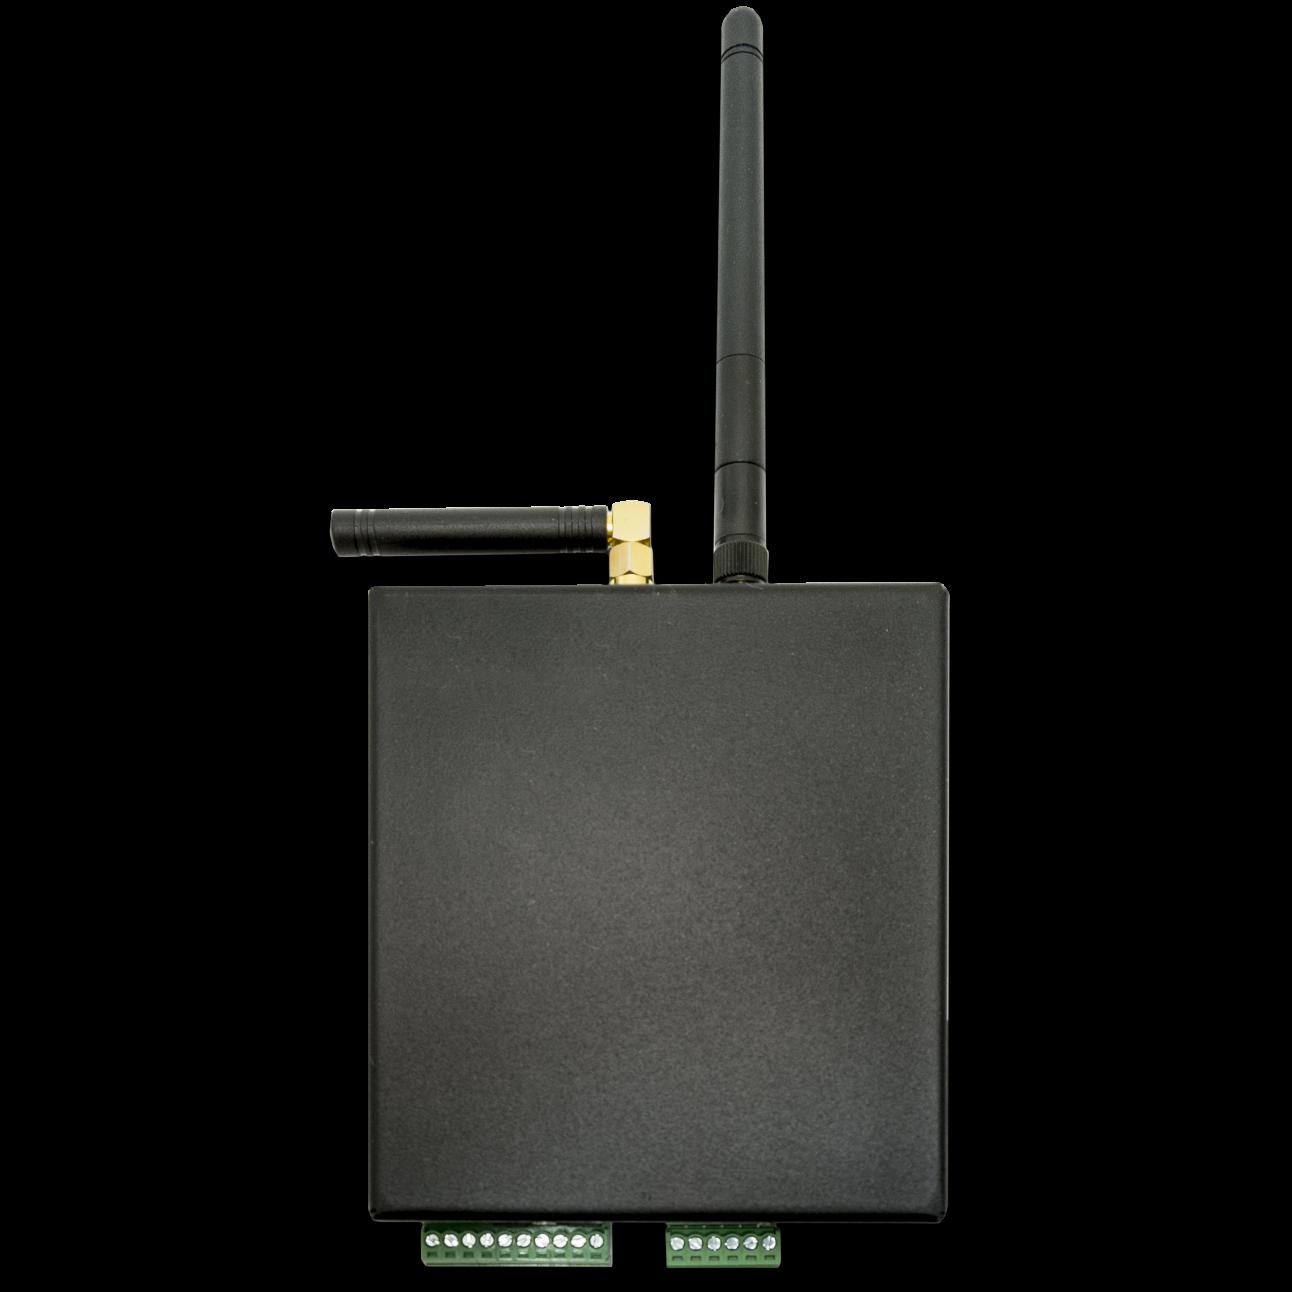 Устройство удалённого контроля и управления SNR-ERD-PROject, RS232/485, IO7